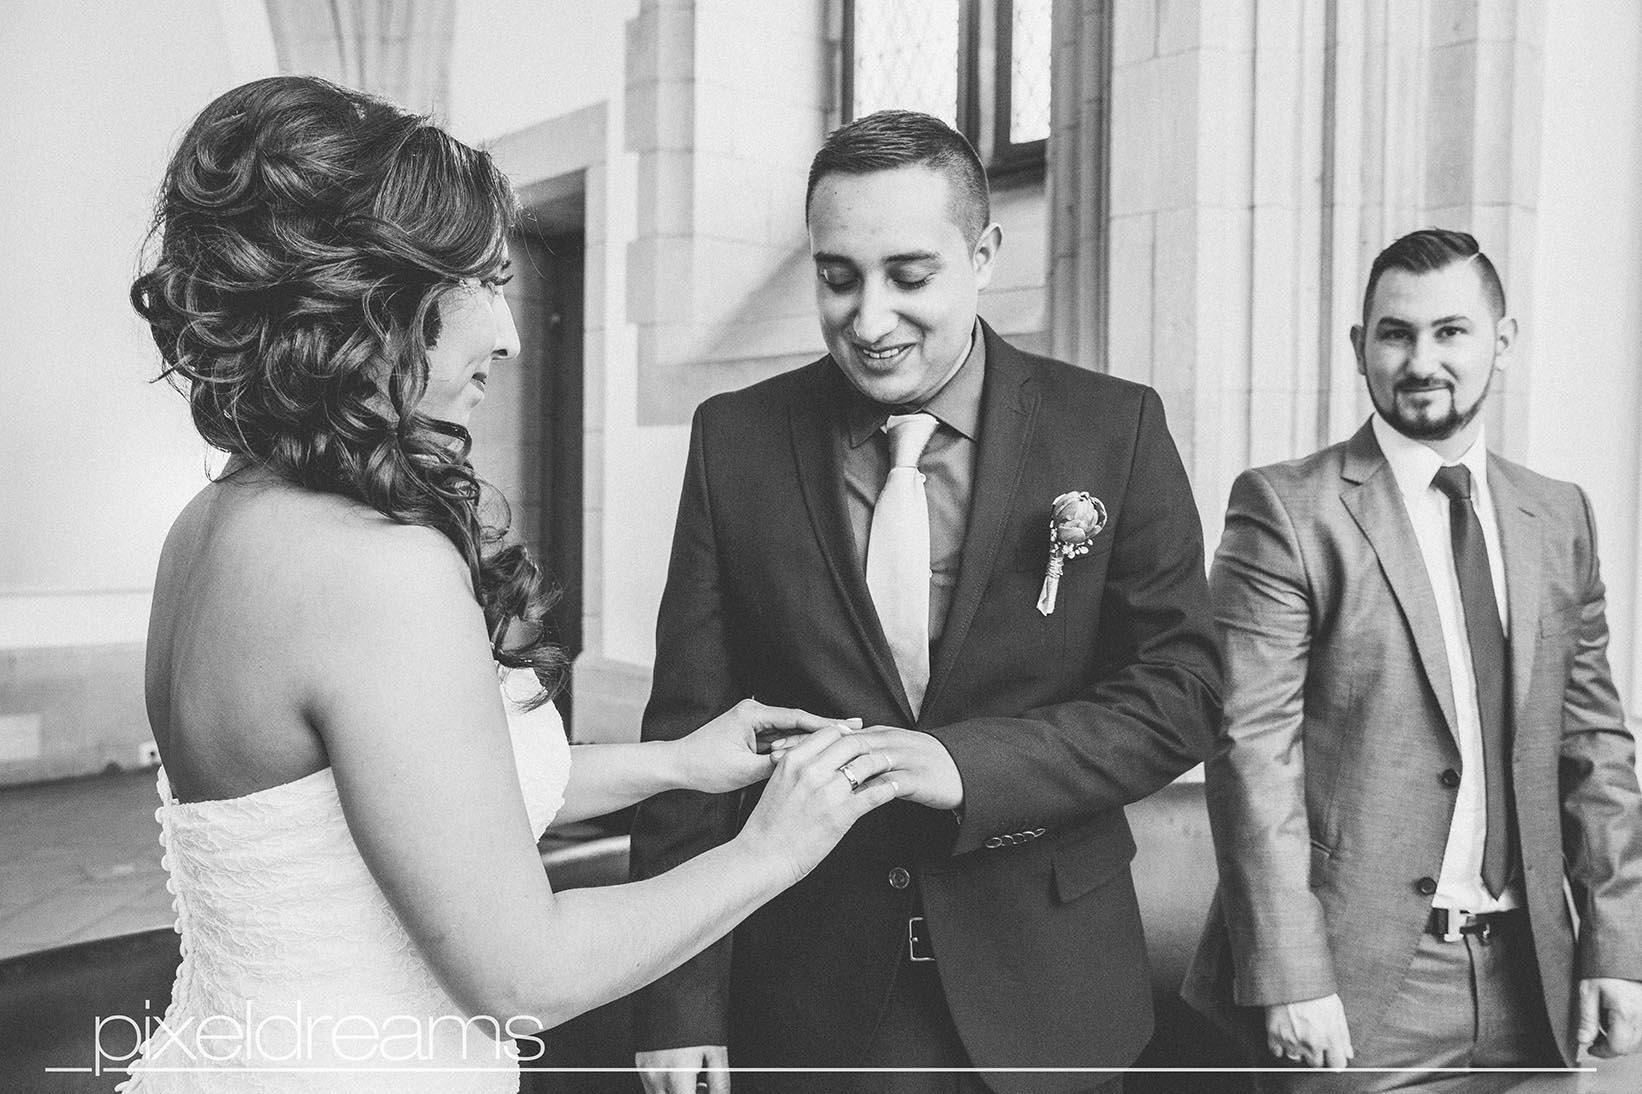 Ringtausch - Braut steckt Bräutigam den Ehering auf - Shooting in der Rentkammer am Historischen Rathaus